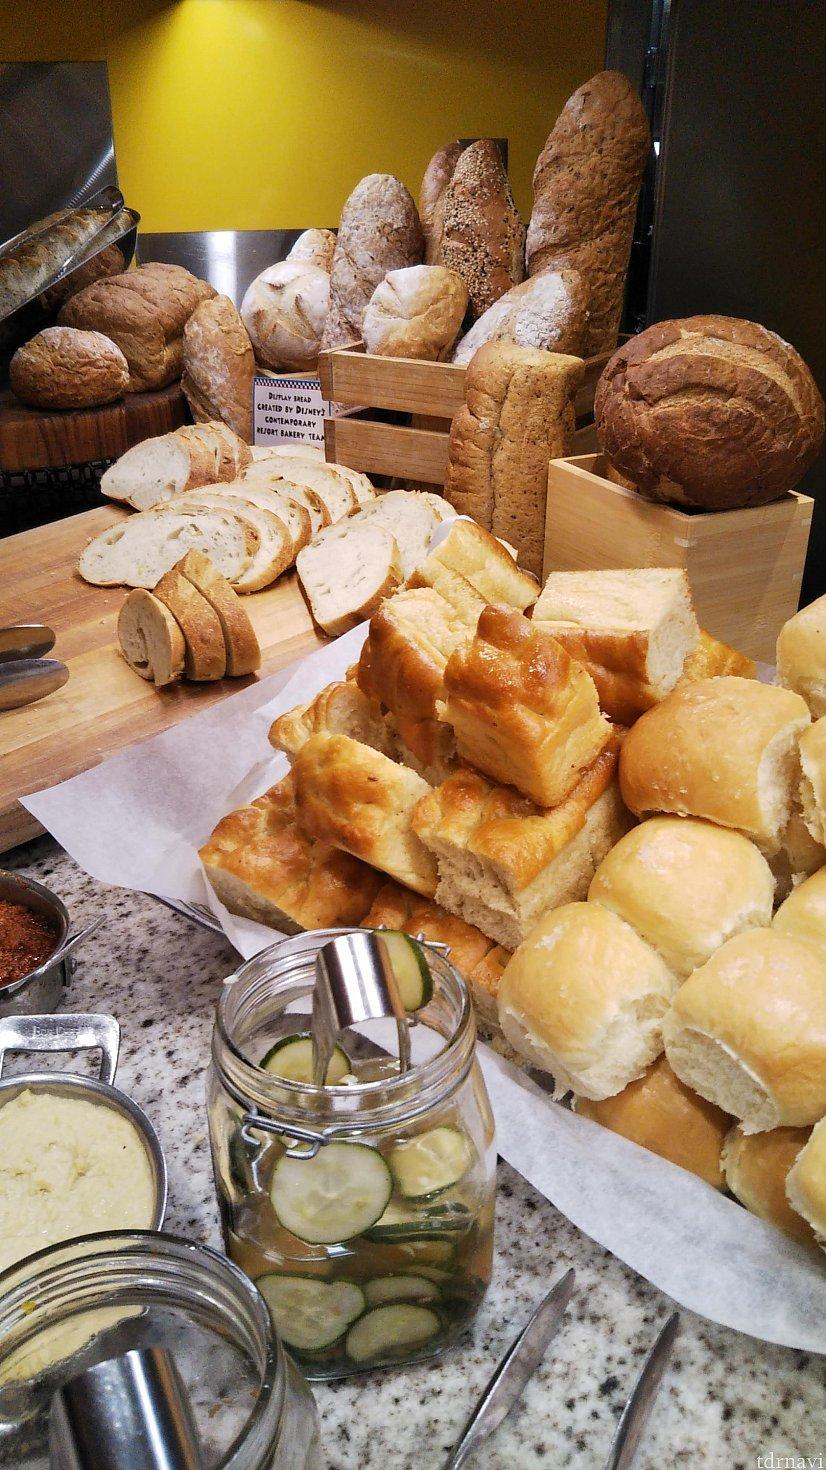 まずはパン!レイアウトがきれいでどれもおいしそう。